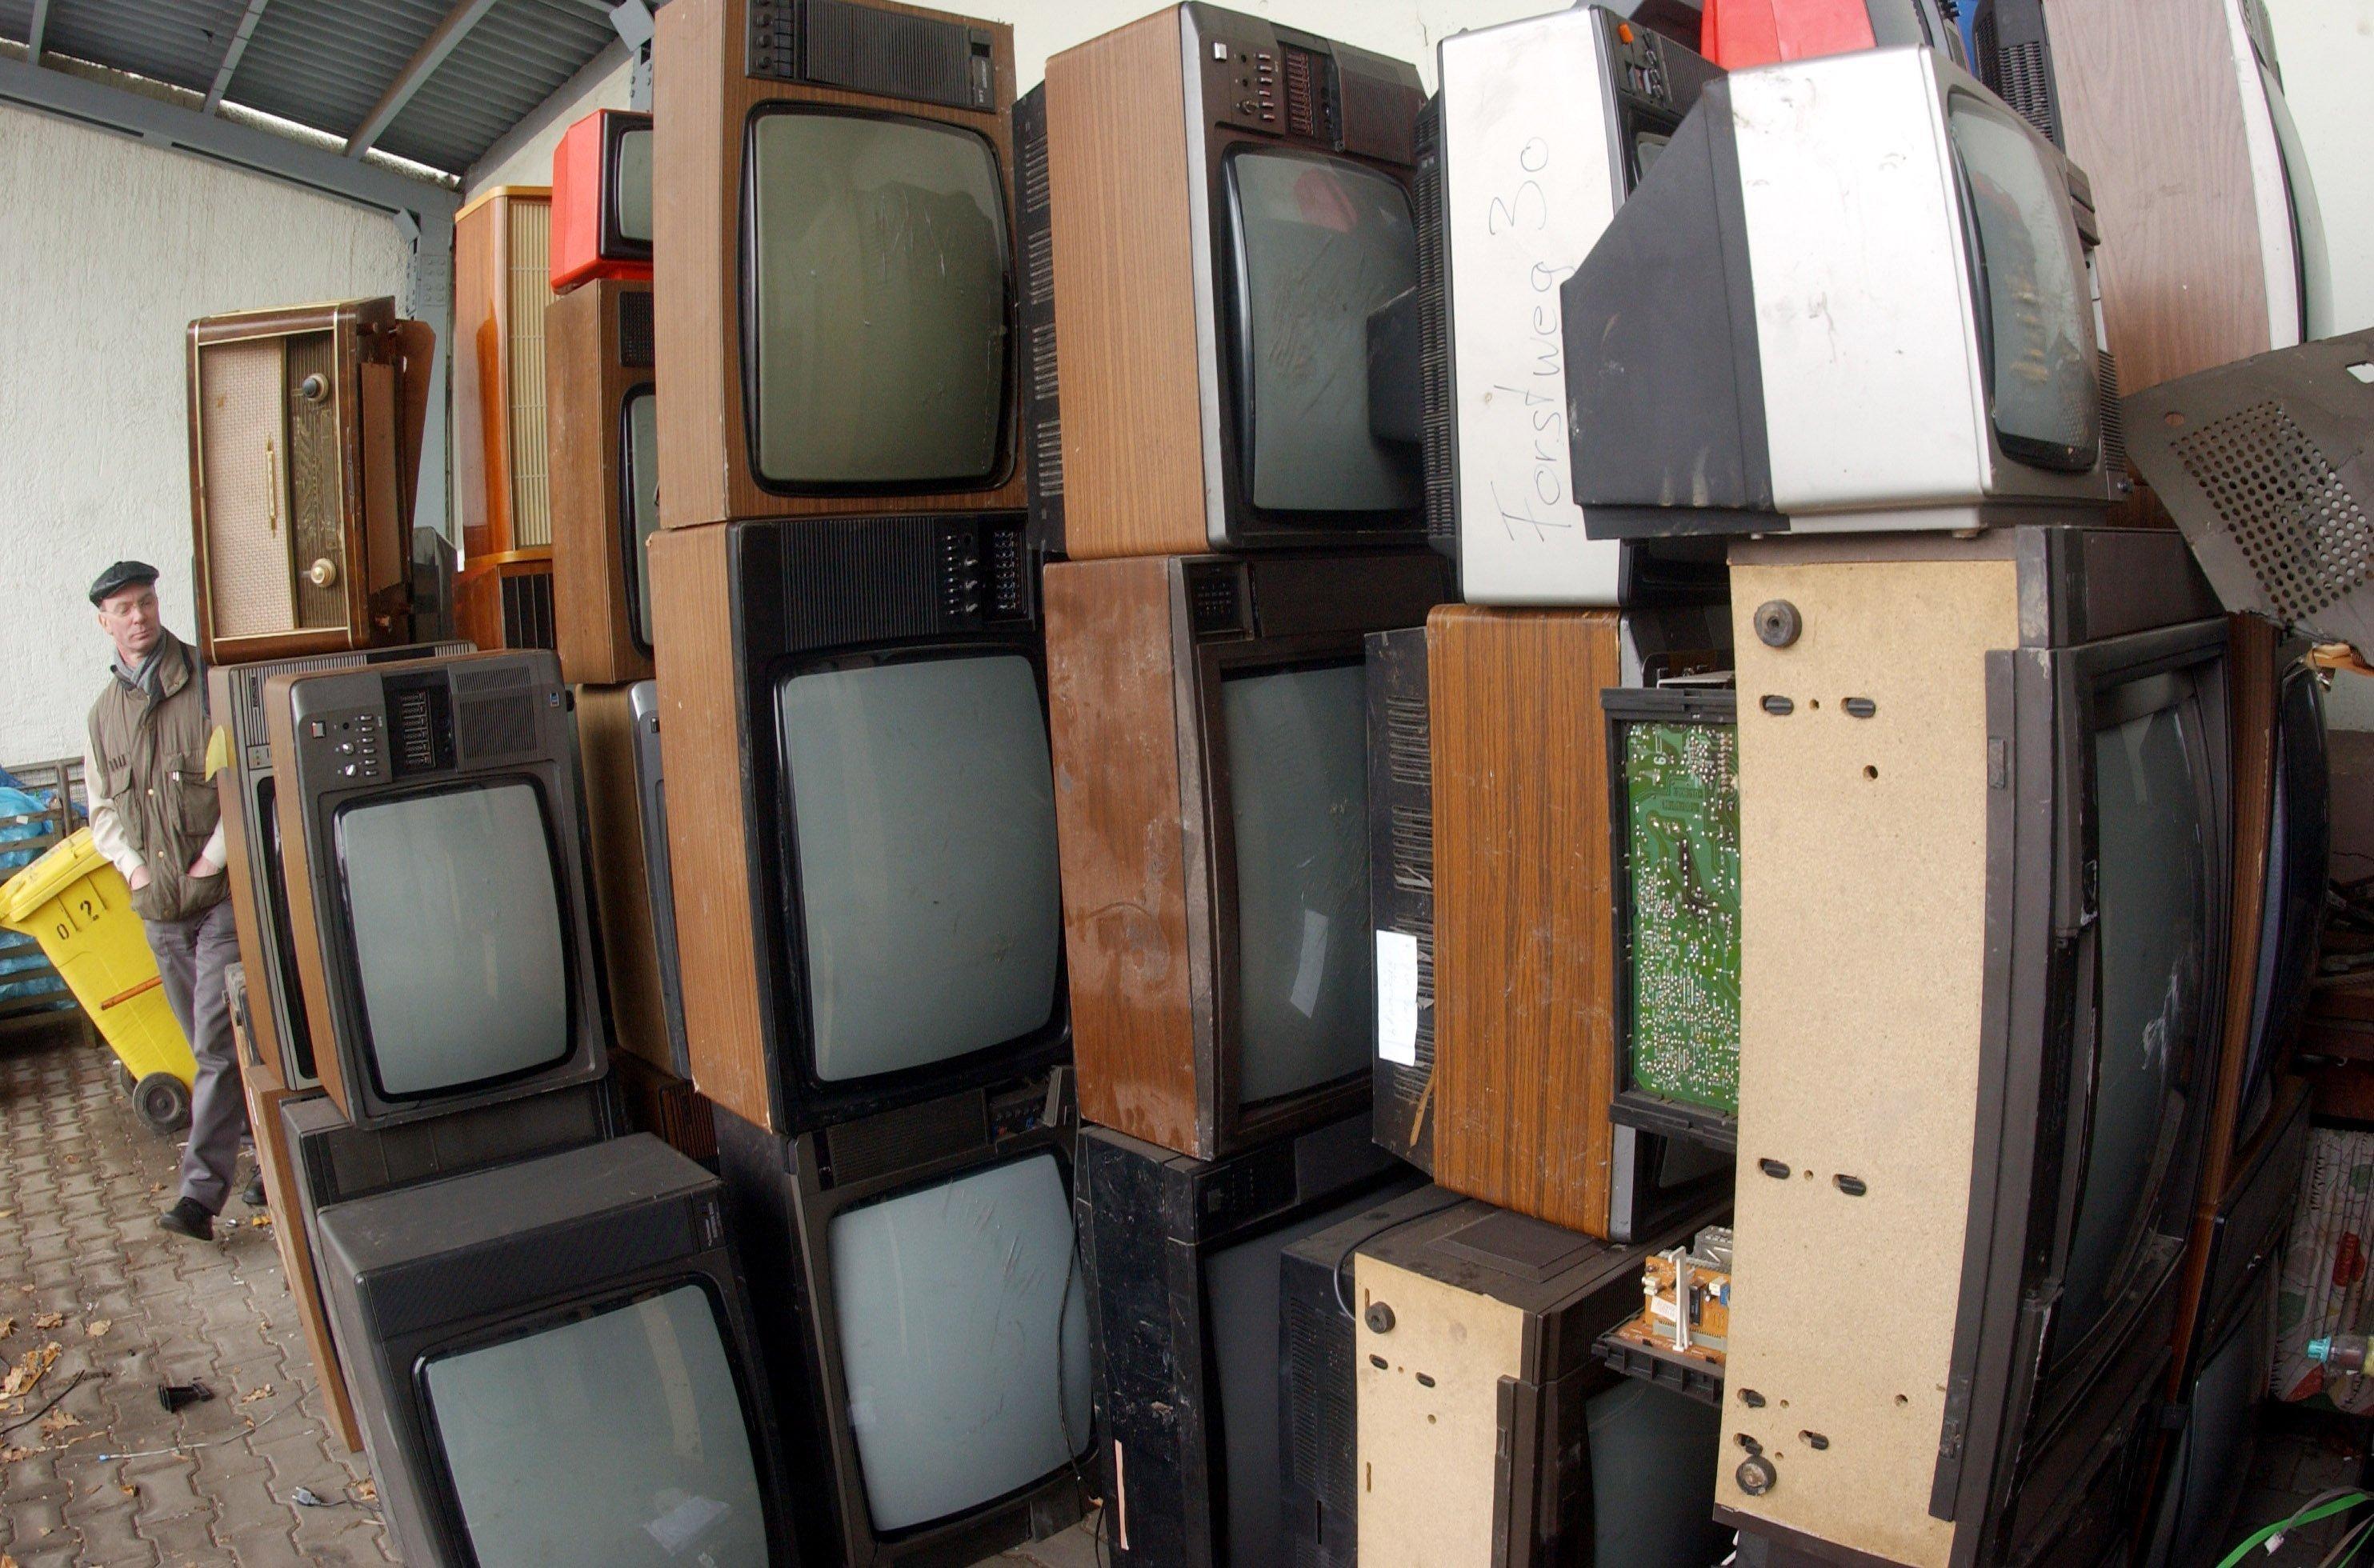 Ausgediente Fernsehgeräte stapeln sich auf einem Recyclinghof in Gera: Ein Flachbildschirm wird heutzutage schon nach 5,6 Jahren ausgetauscht. Röhrengeräte wurden im Schnitt zehn bis zwölf Jahre genutzt, so eine neue Studie des Umweltbundesamtes.